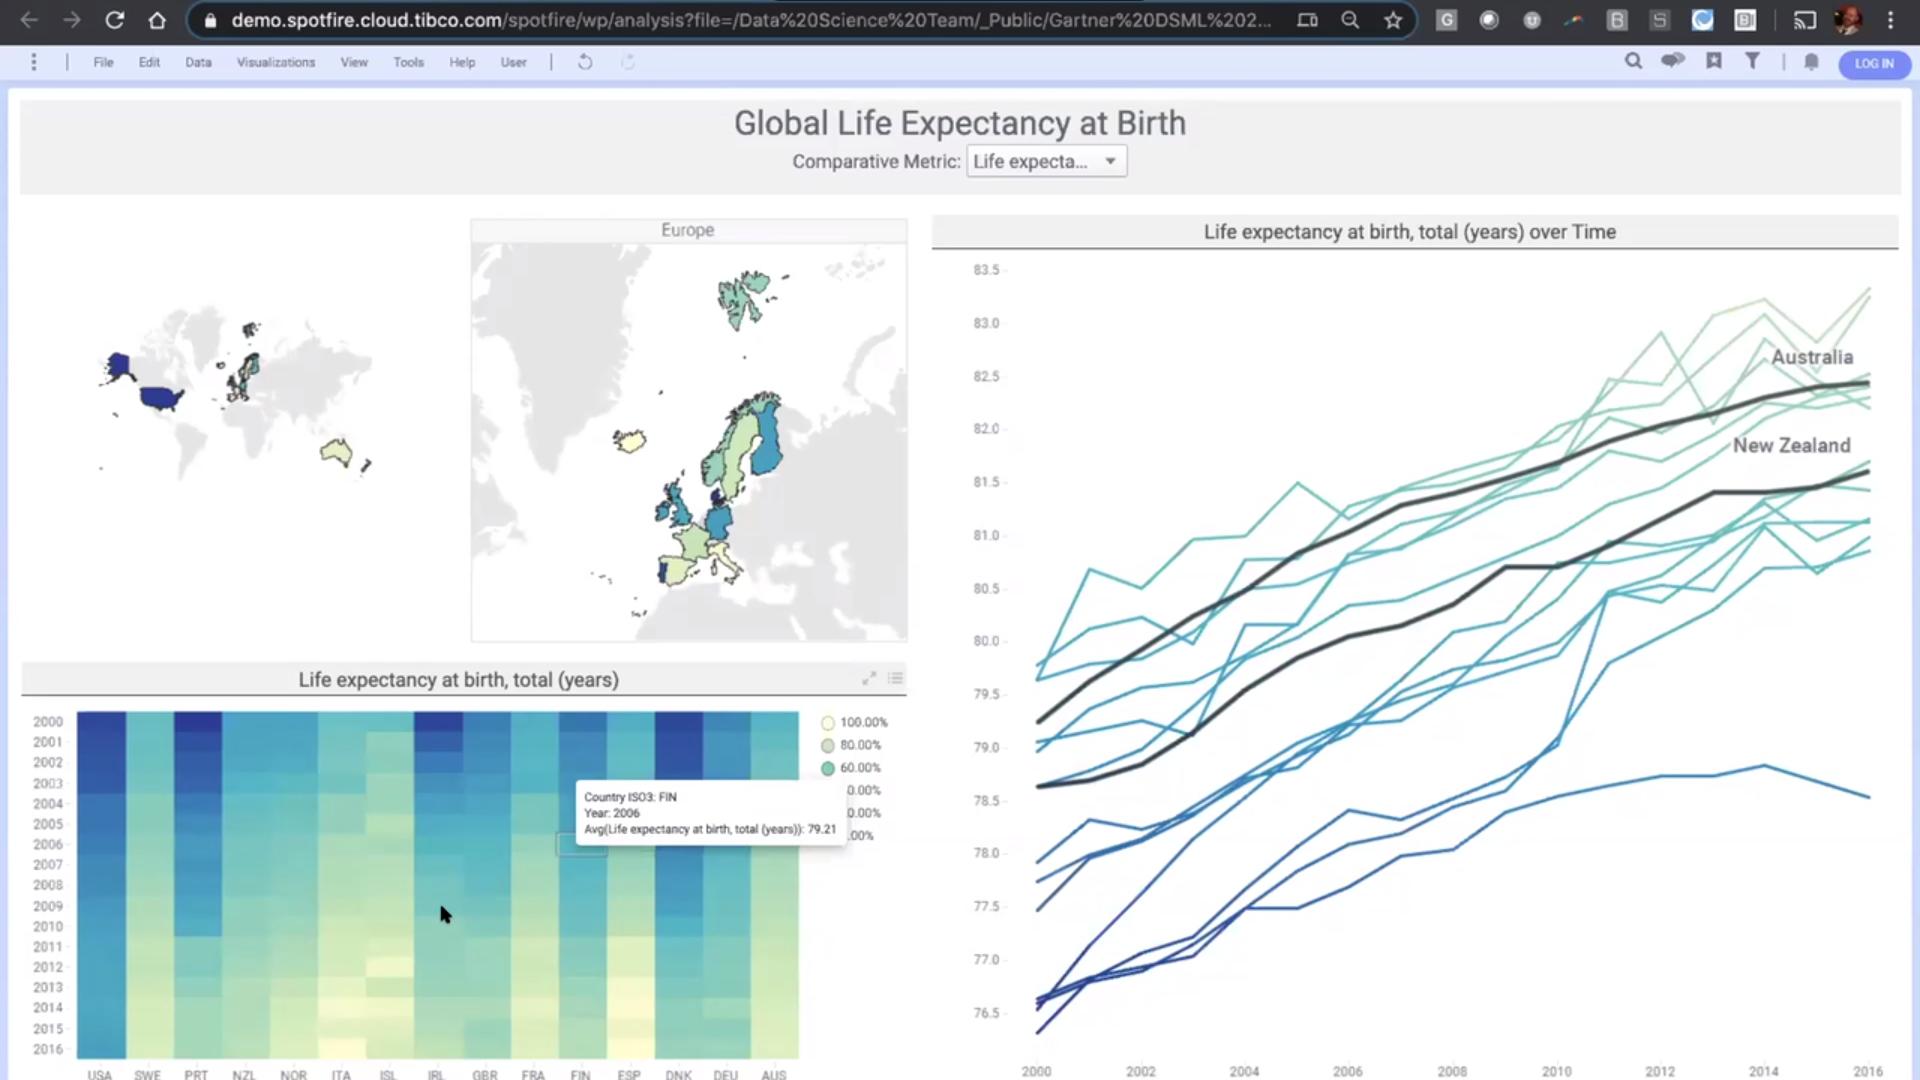 Анализ демографических данных при помощи аналитического программного обеспечения TIBCO Data Science для ИАД